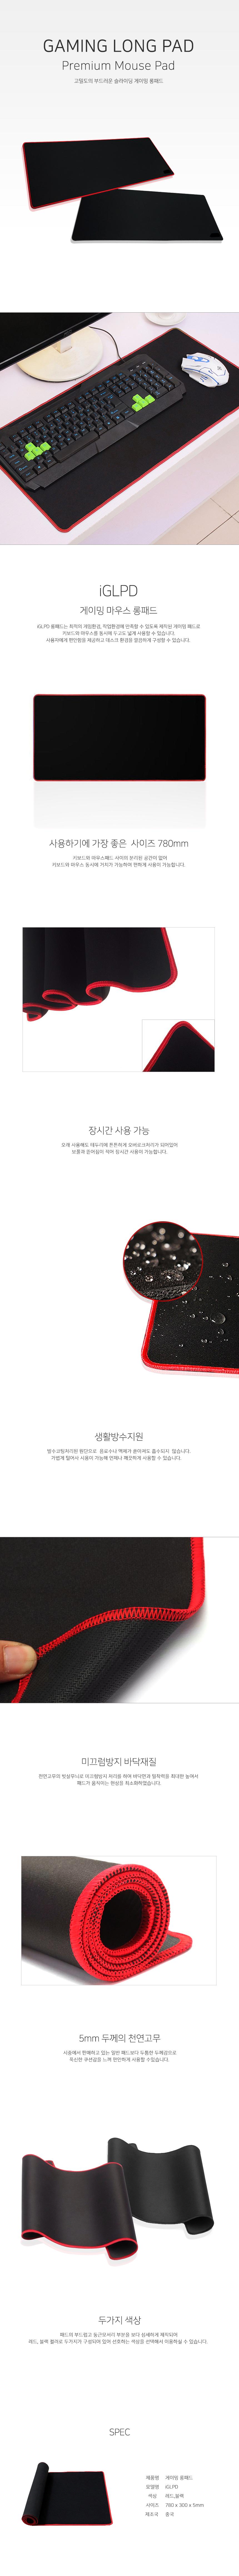 애니클리어 게이밍 데스크탑 마우스 장패드 iGLPD - 애니클리어, 9,900원, 키보드/마우스 용품, 마우스 패드